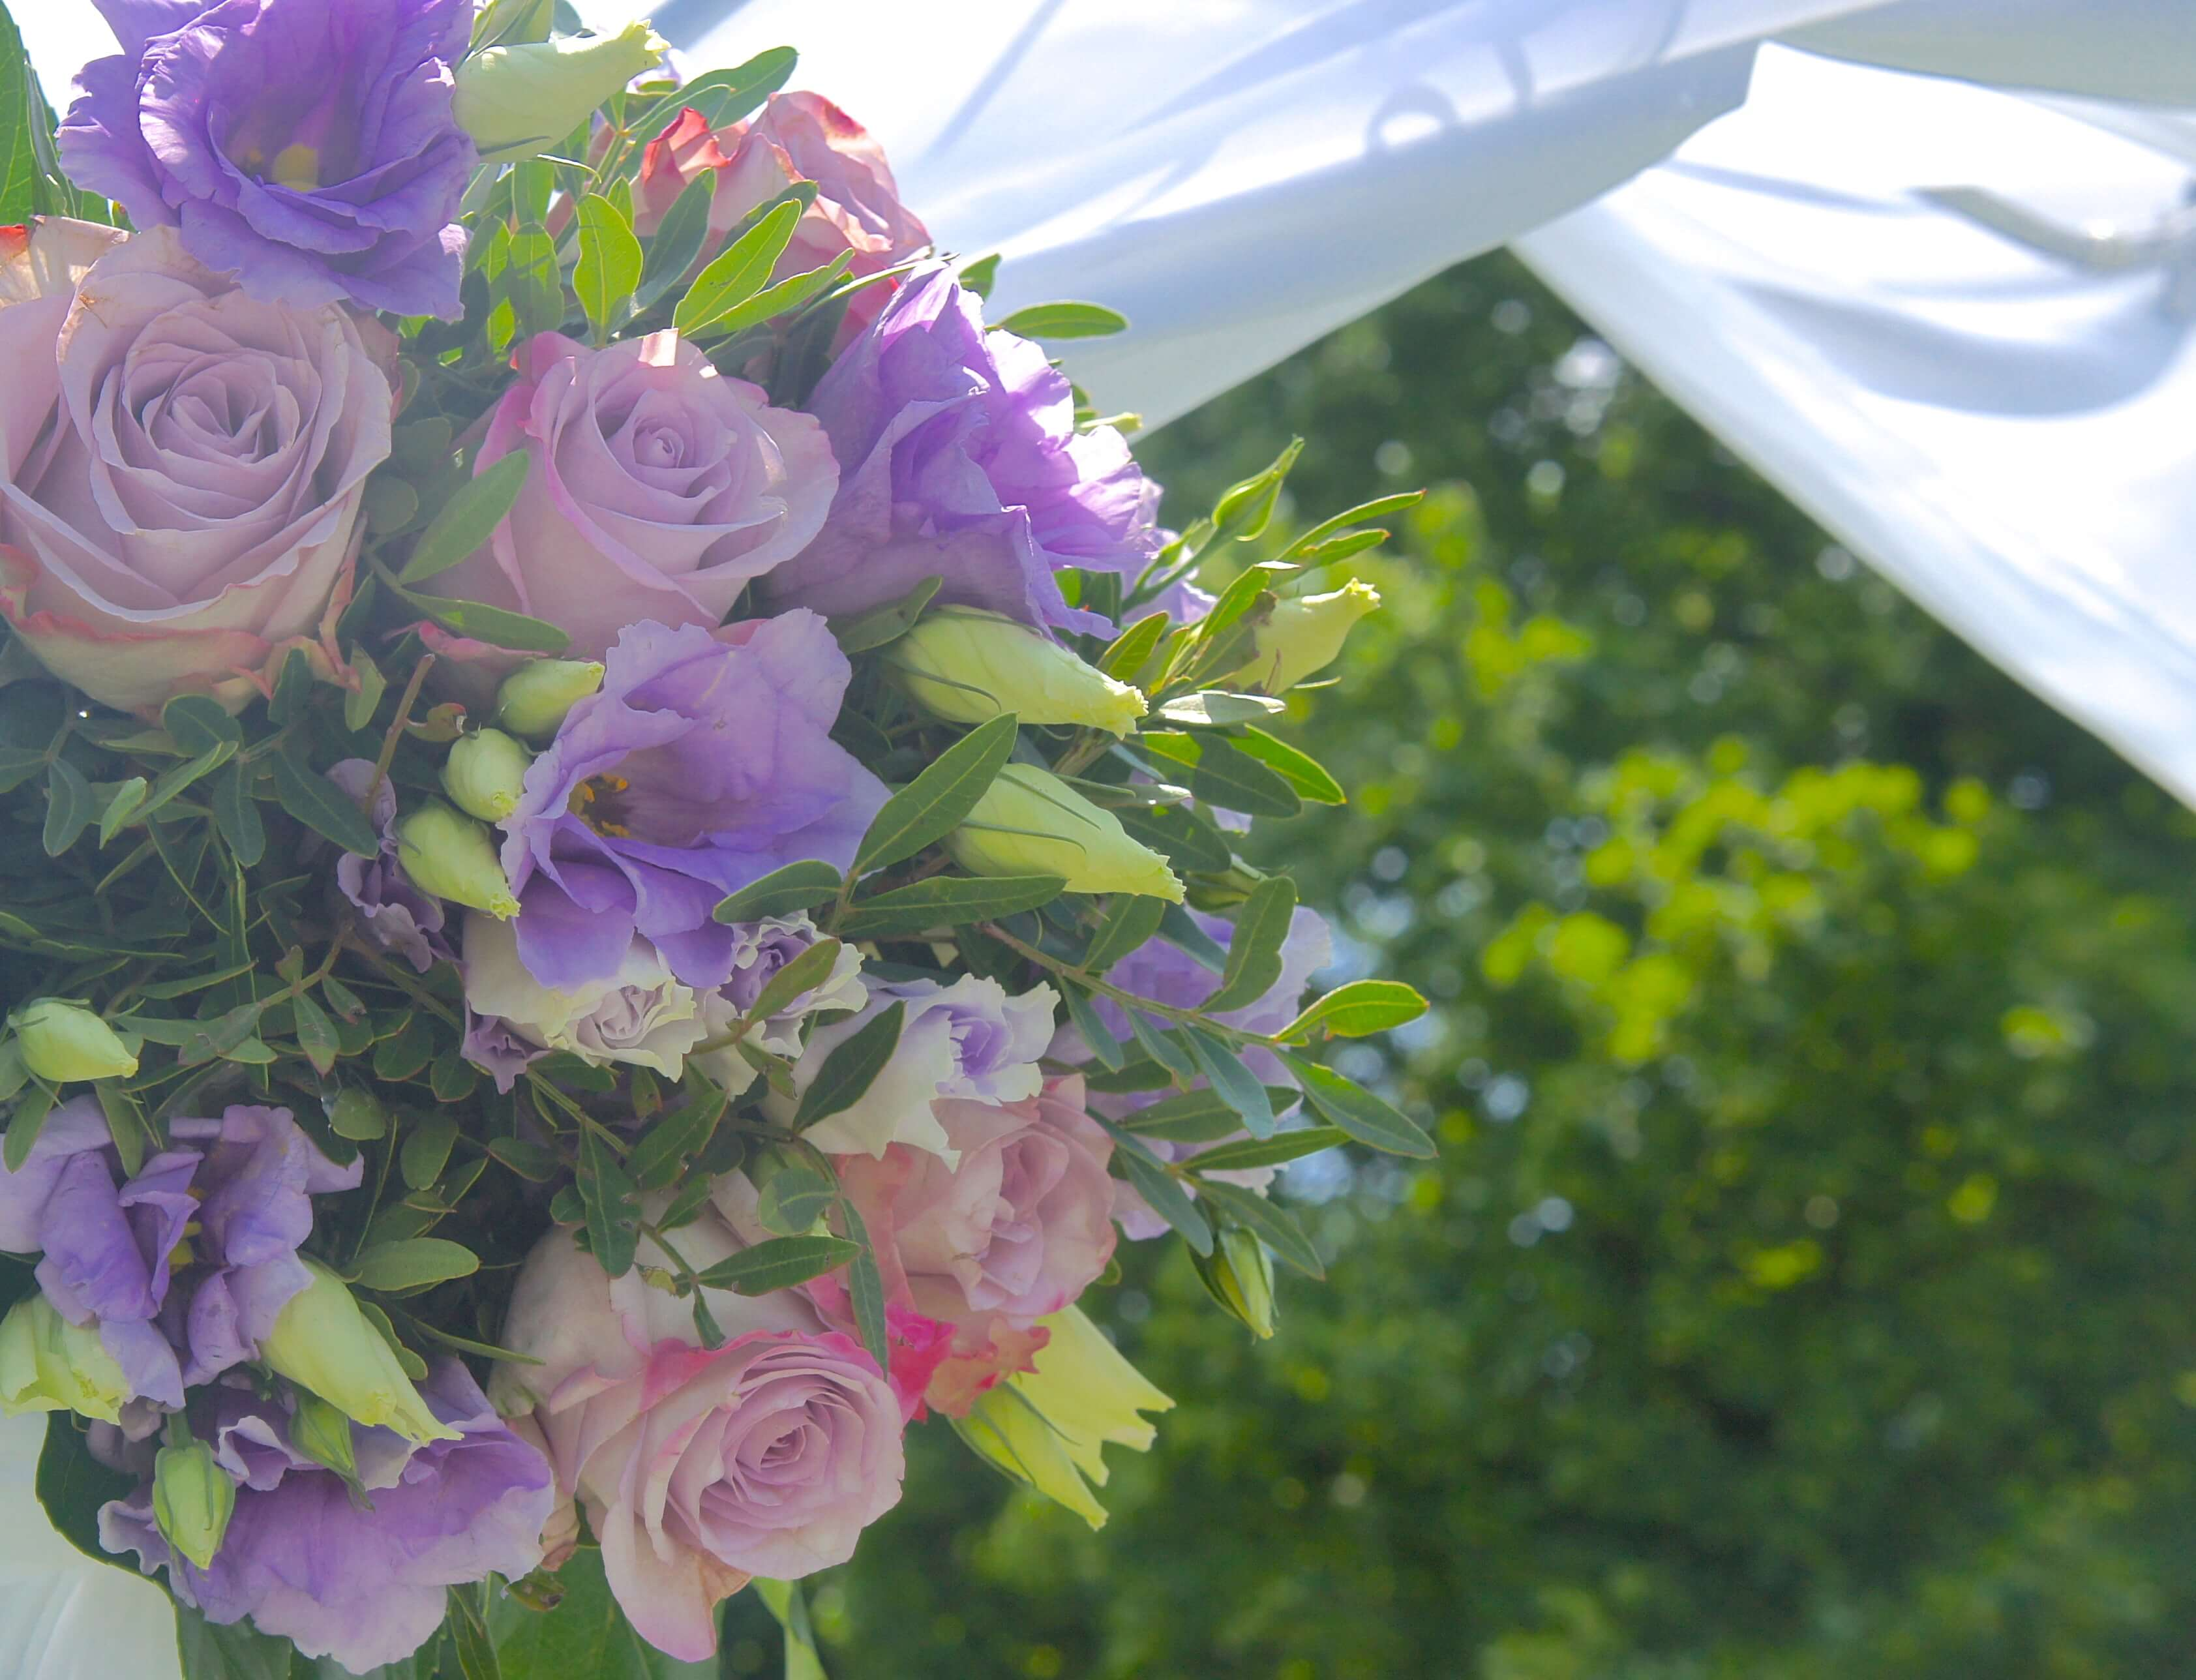 cérémonie extérieure domaine de la frossardiere, decoration linda champenois